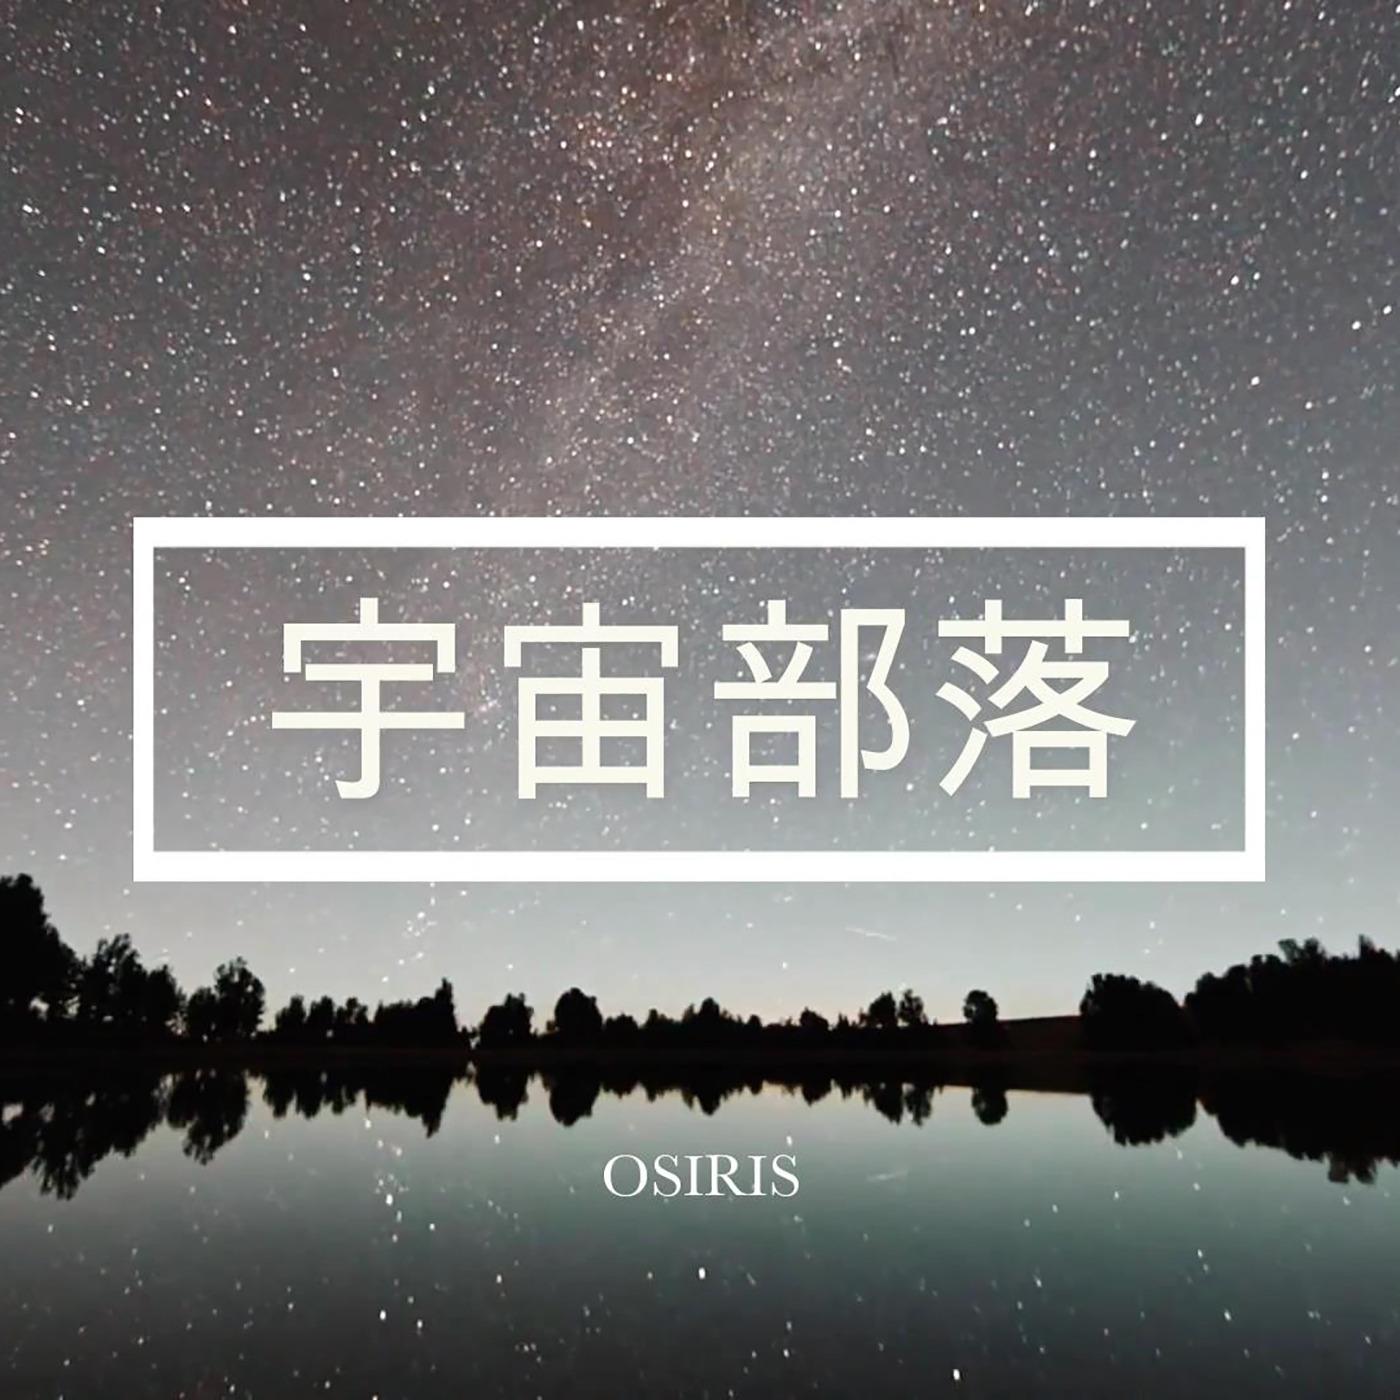 宇宙部落 EP13 - 薩滿之路歴程